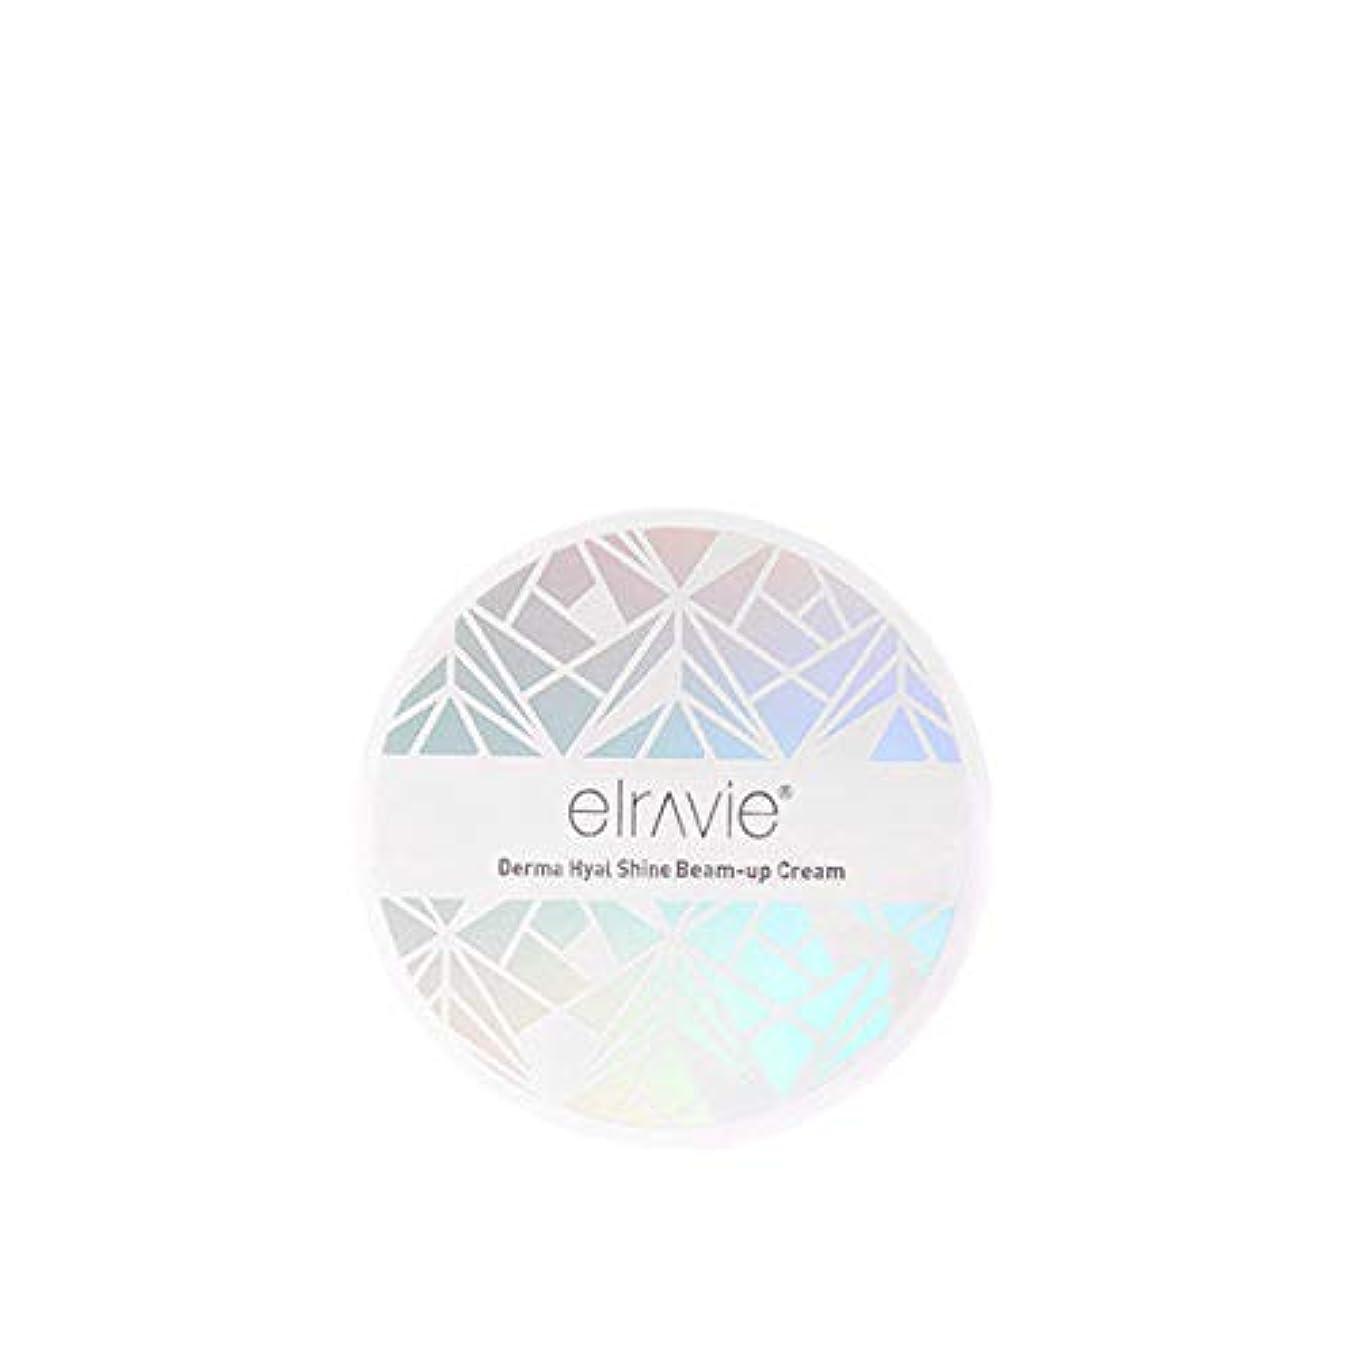 悪行赤面円形エラヴィー[Elravie] ダーマヒアルロン酸 輝くビームアップクリーム15g / Derma Hyal Shine Beam-up Cream